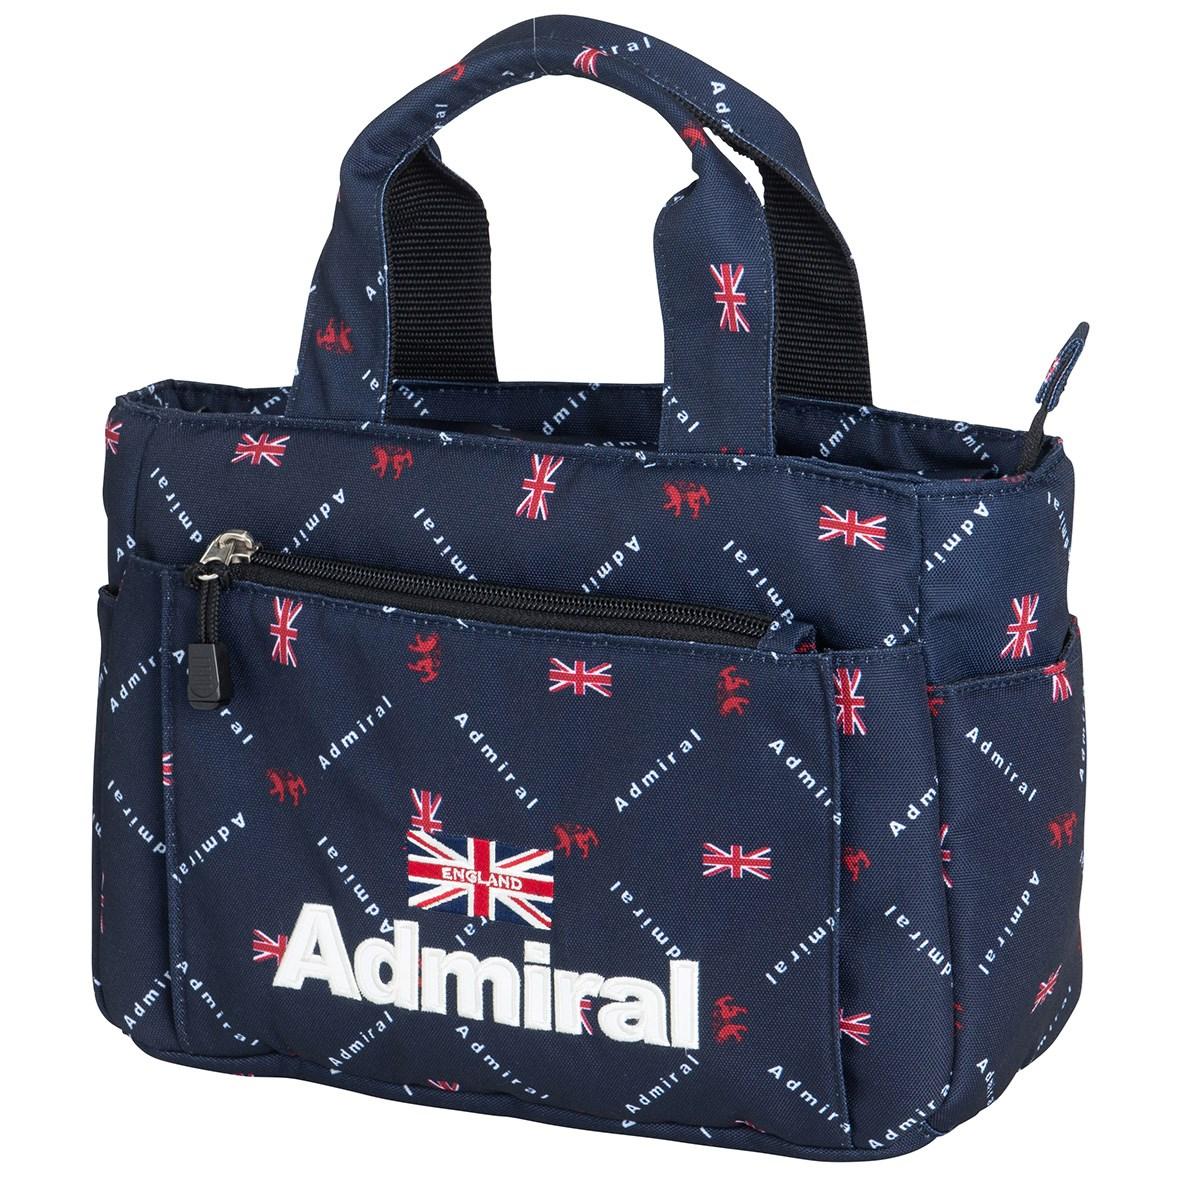 アドミラル モノグラムラウンドバッグ